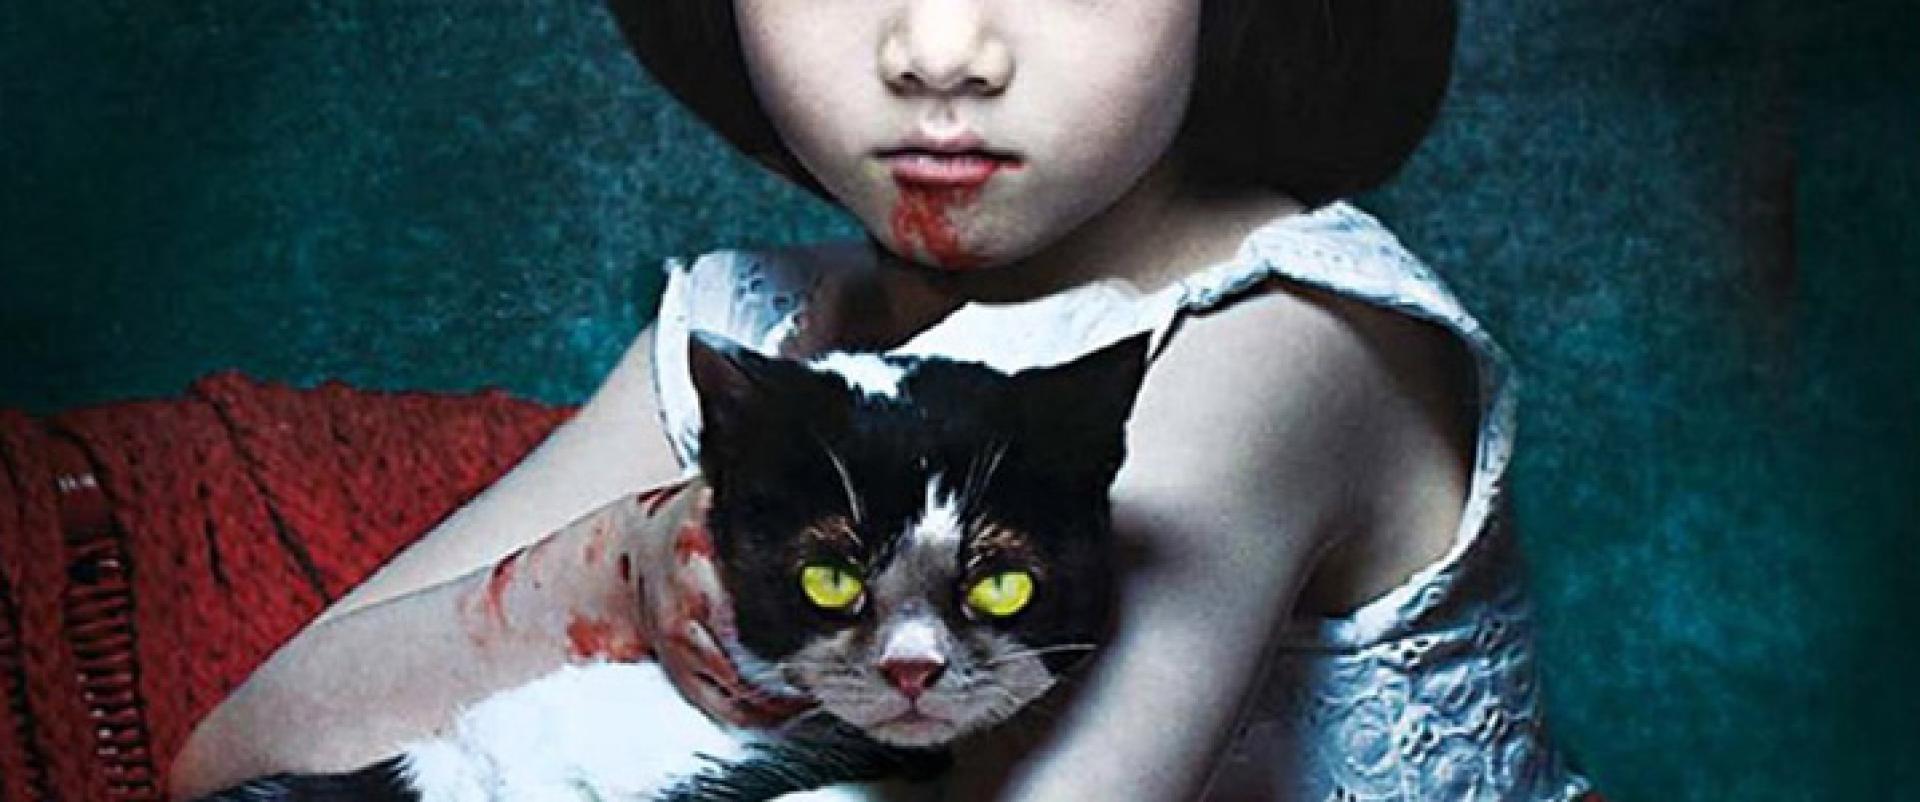 Ázsiai extrém 15. - The Cat (2011)